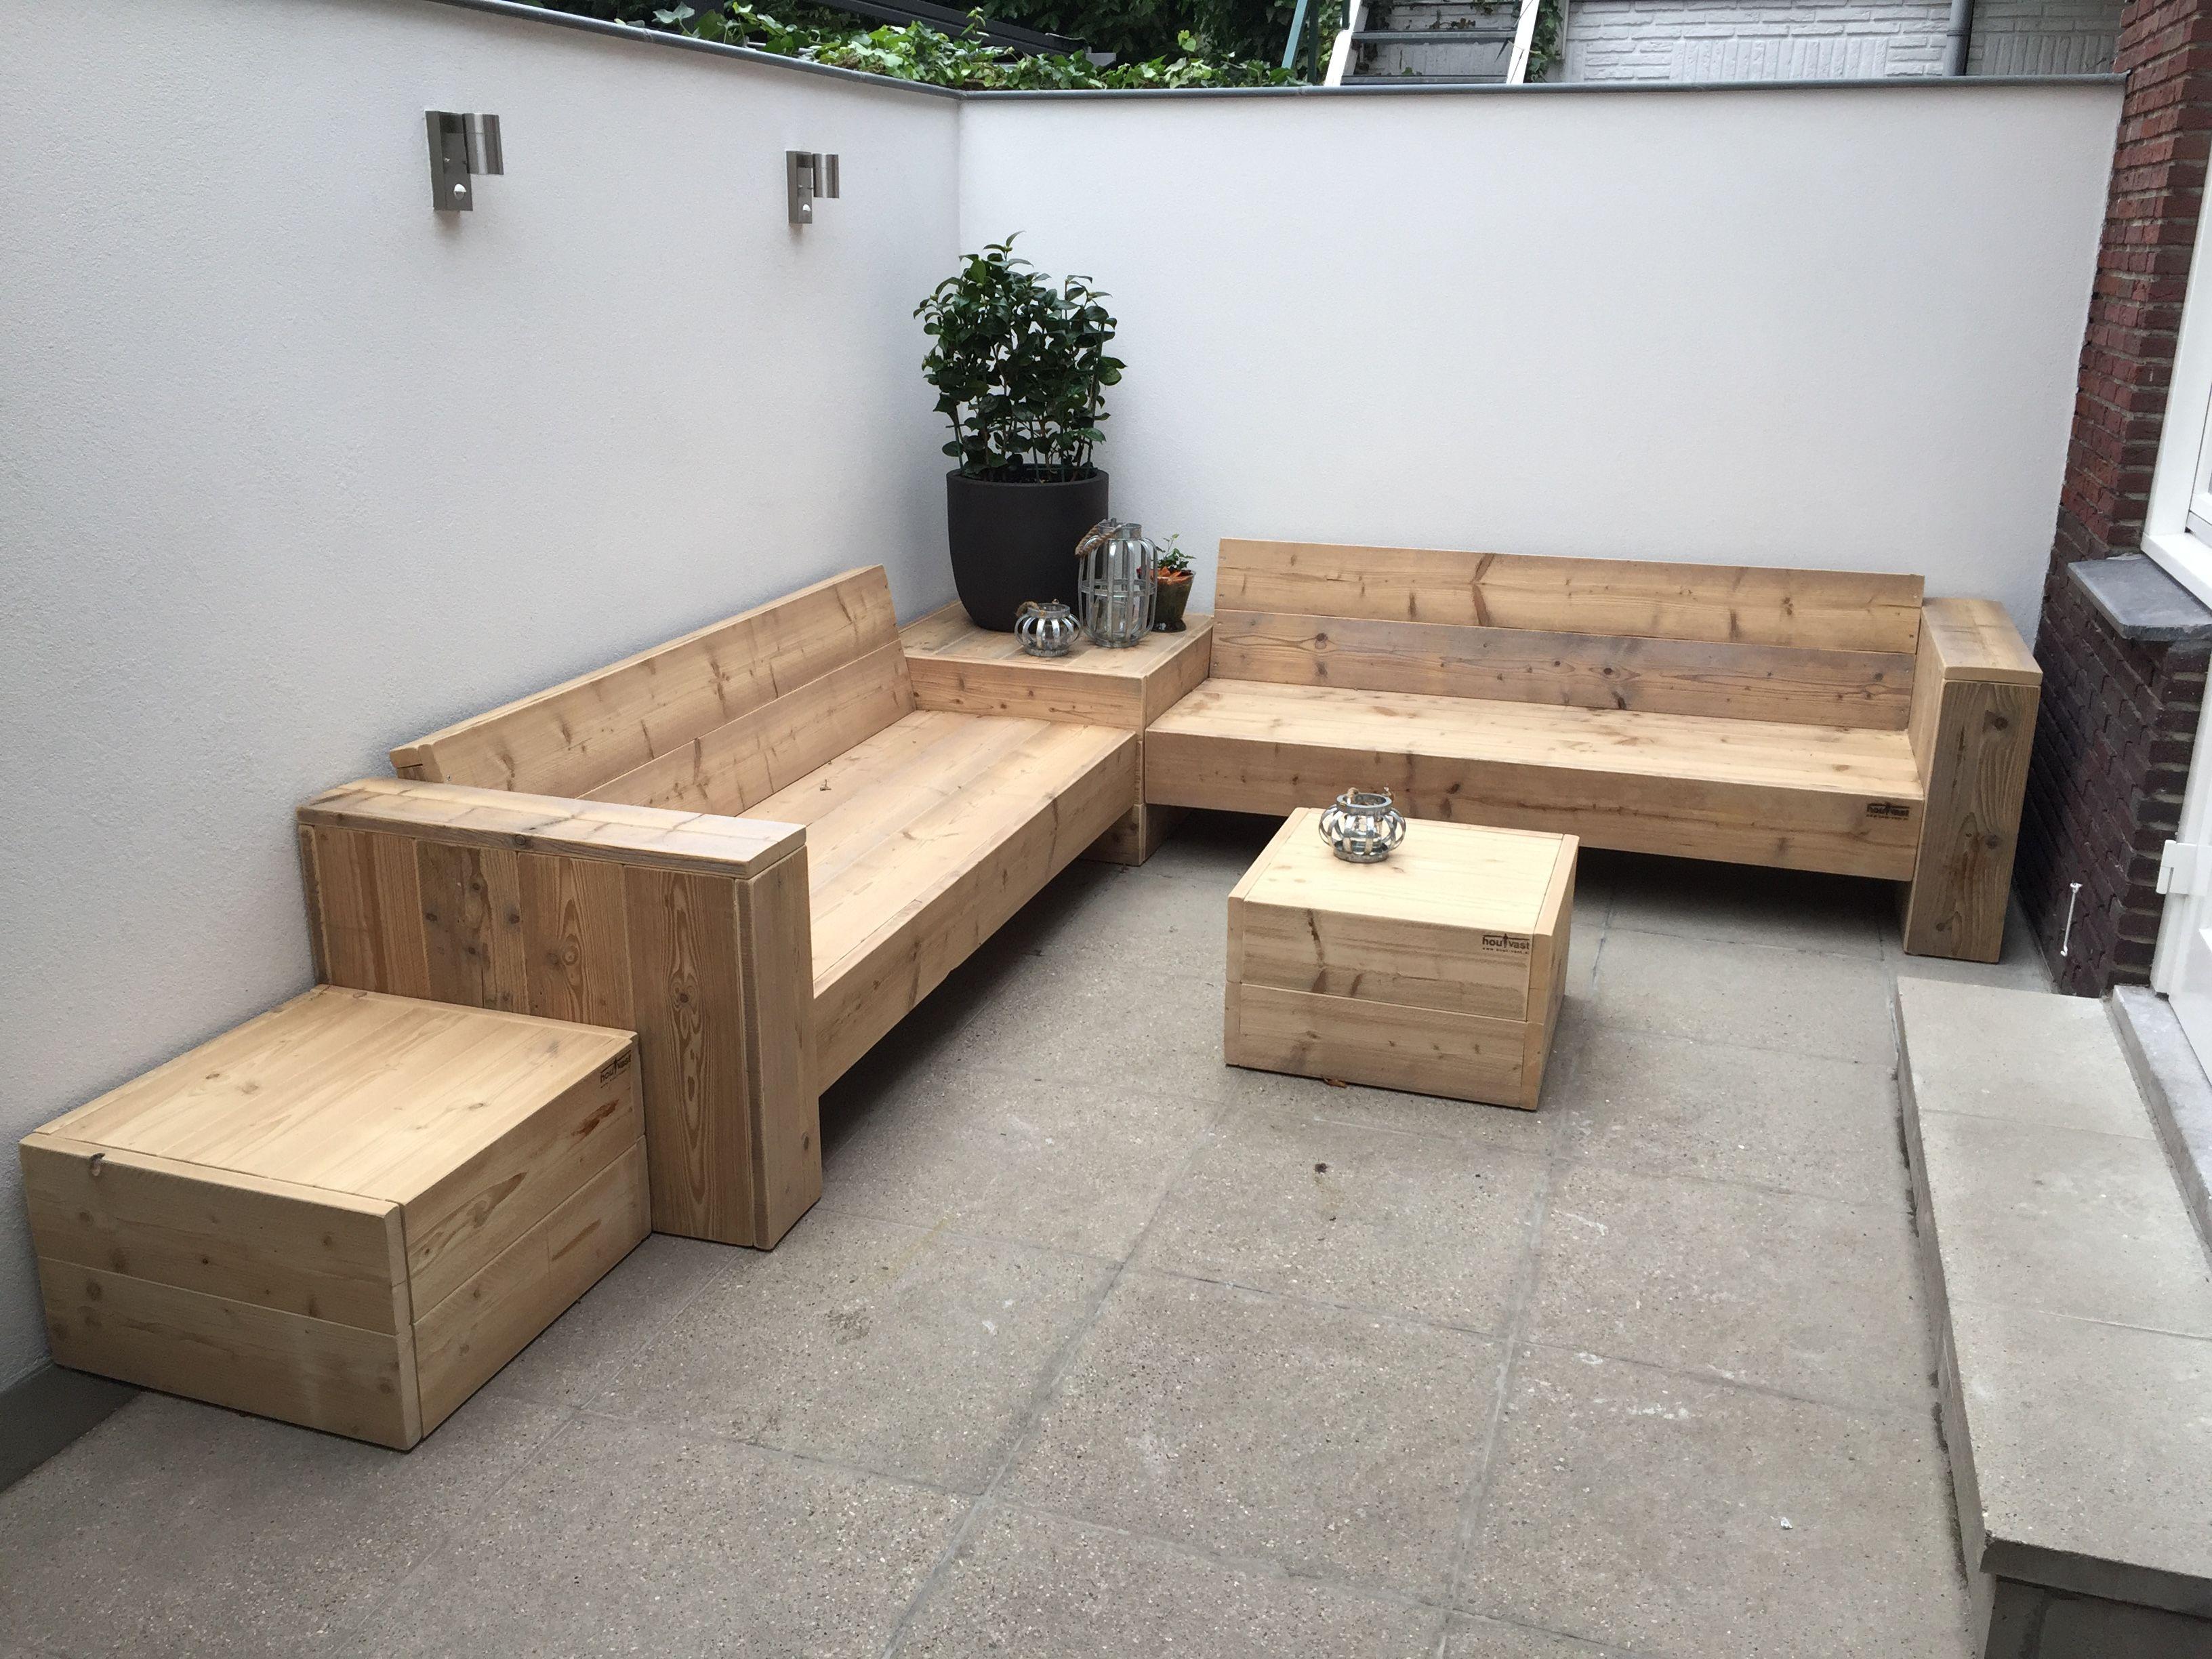 Loungebank Muebles Para Terrazas Muebles Para Patio Muebles Terraza